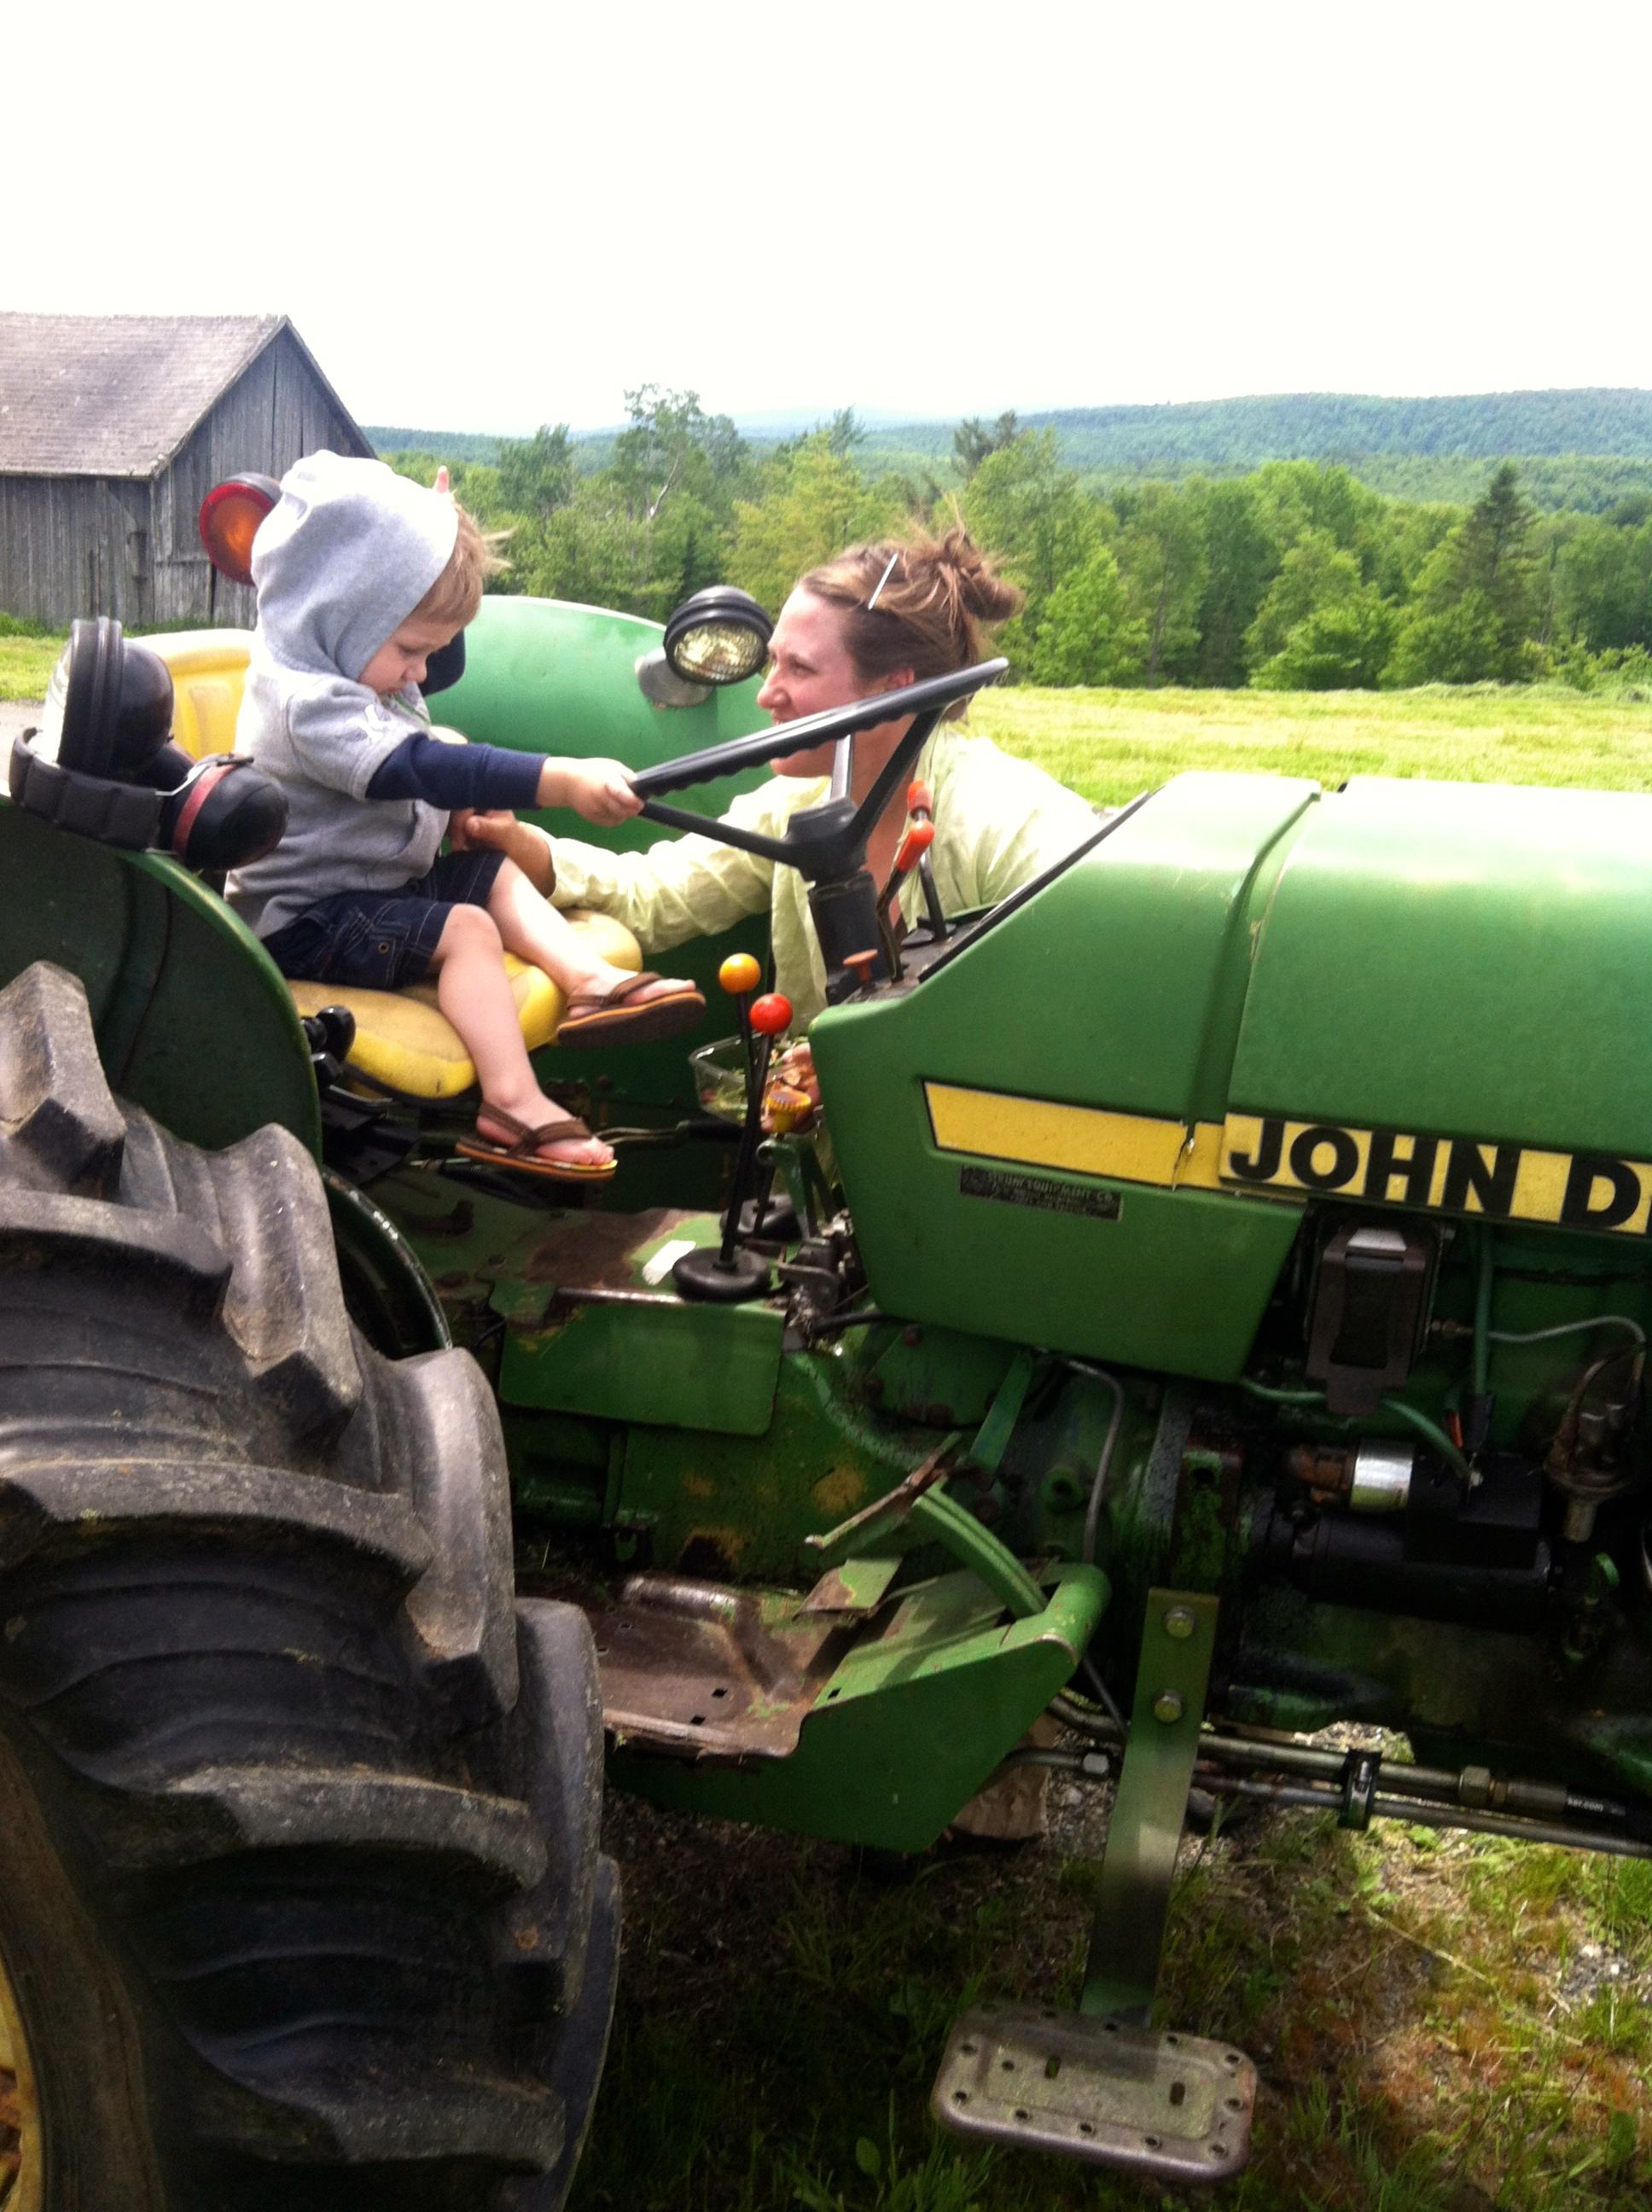 Corse Family Farm - Eli on the tractor